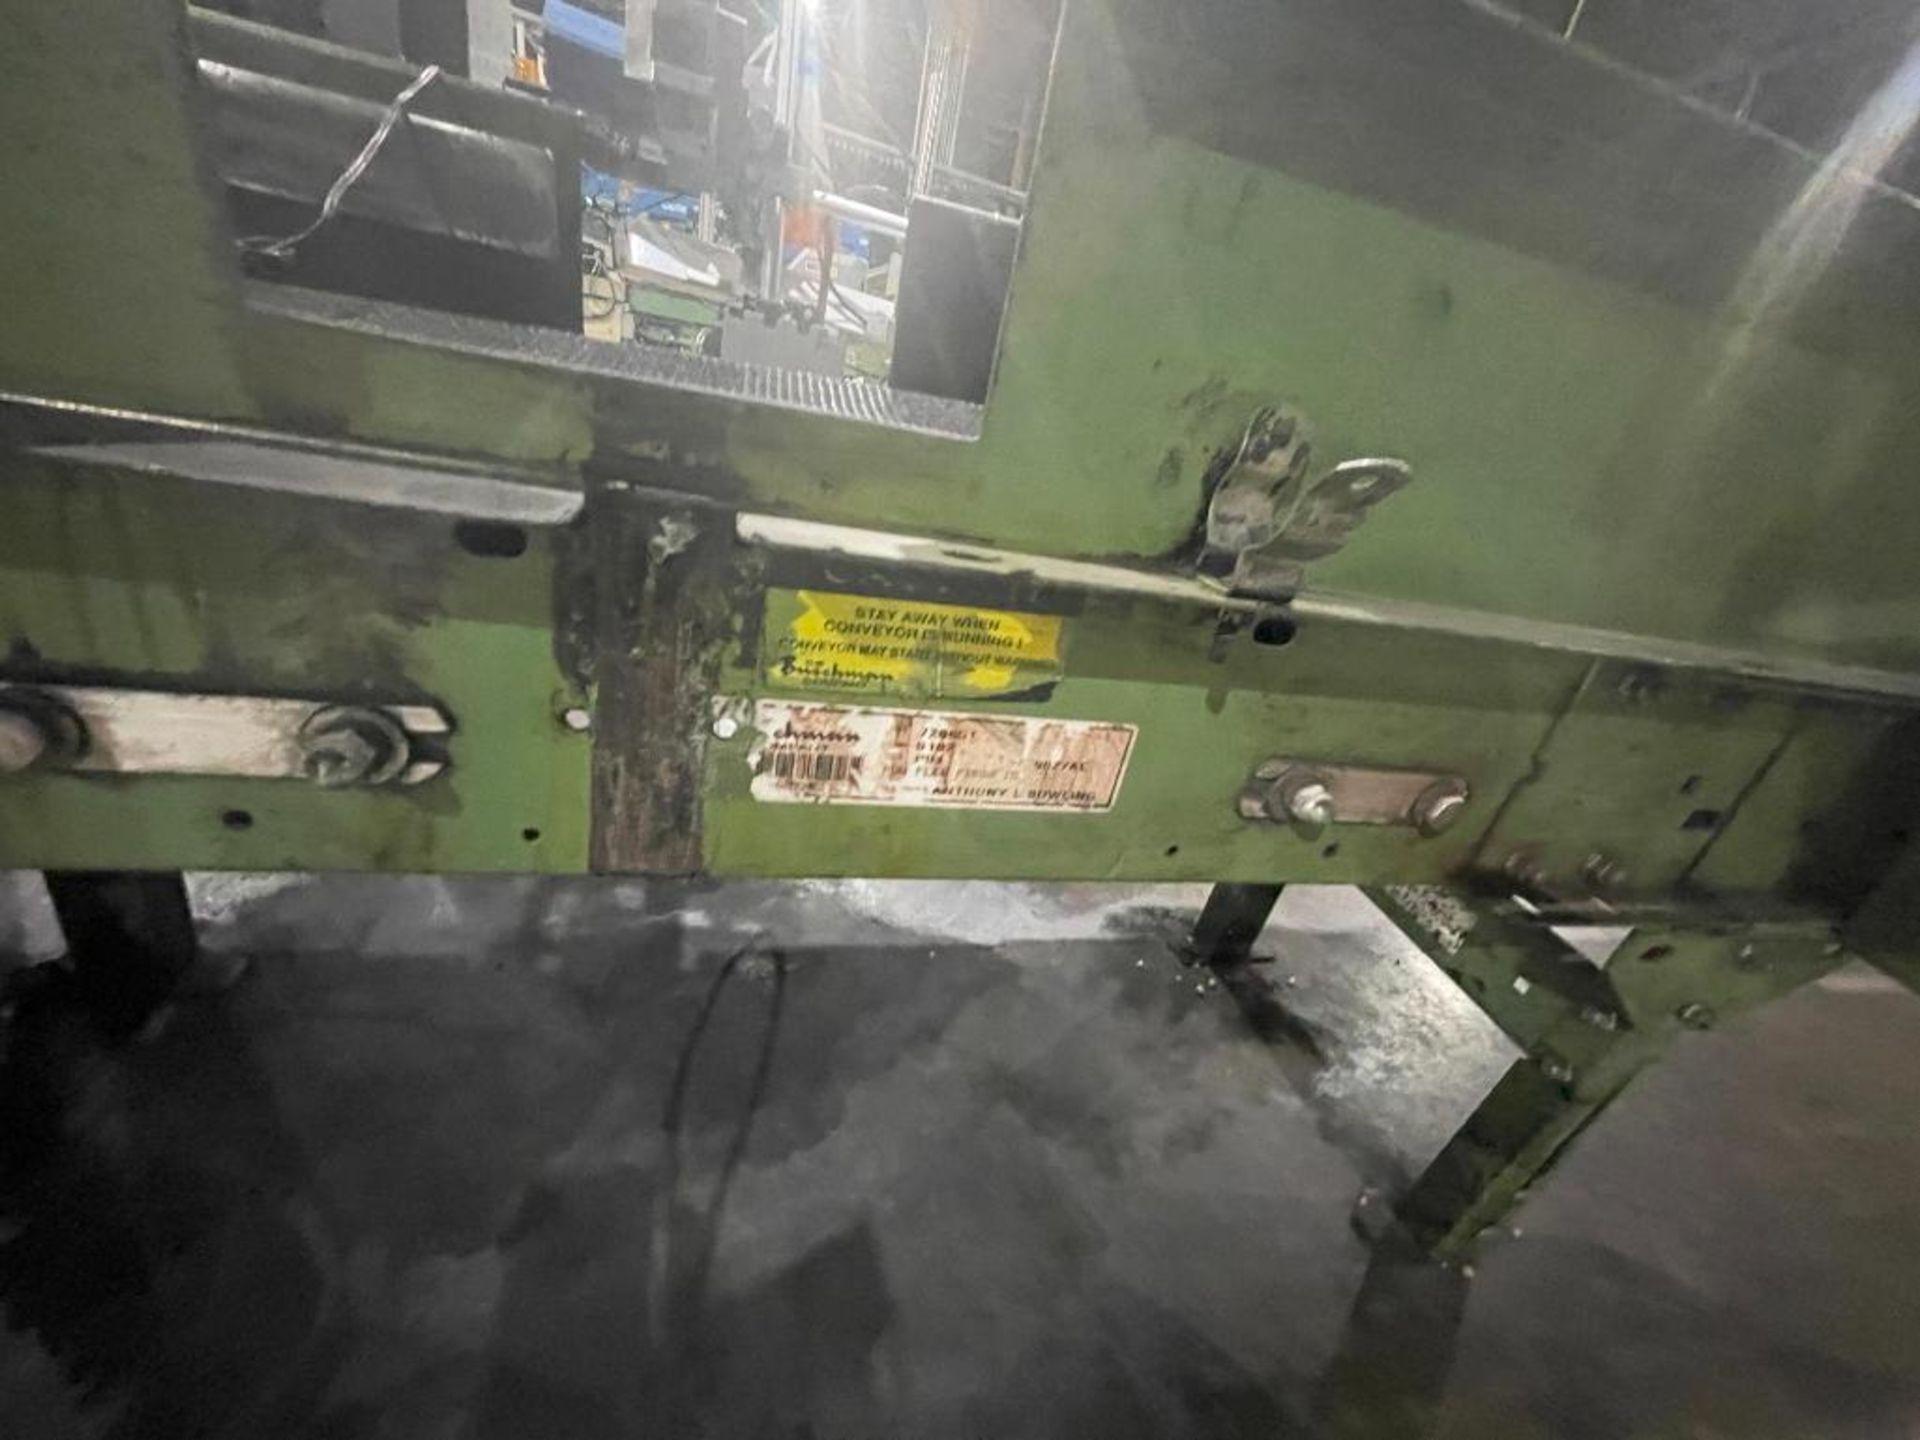 Buschman mild steel incline conveyor - Image 14 of 15